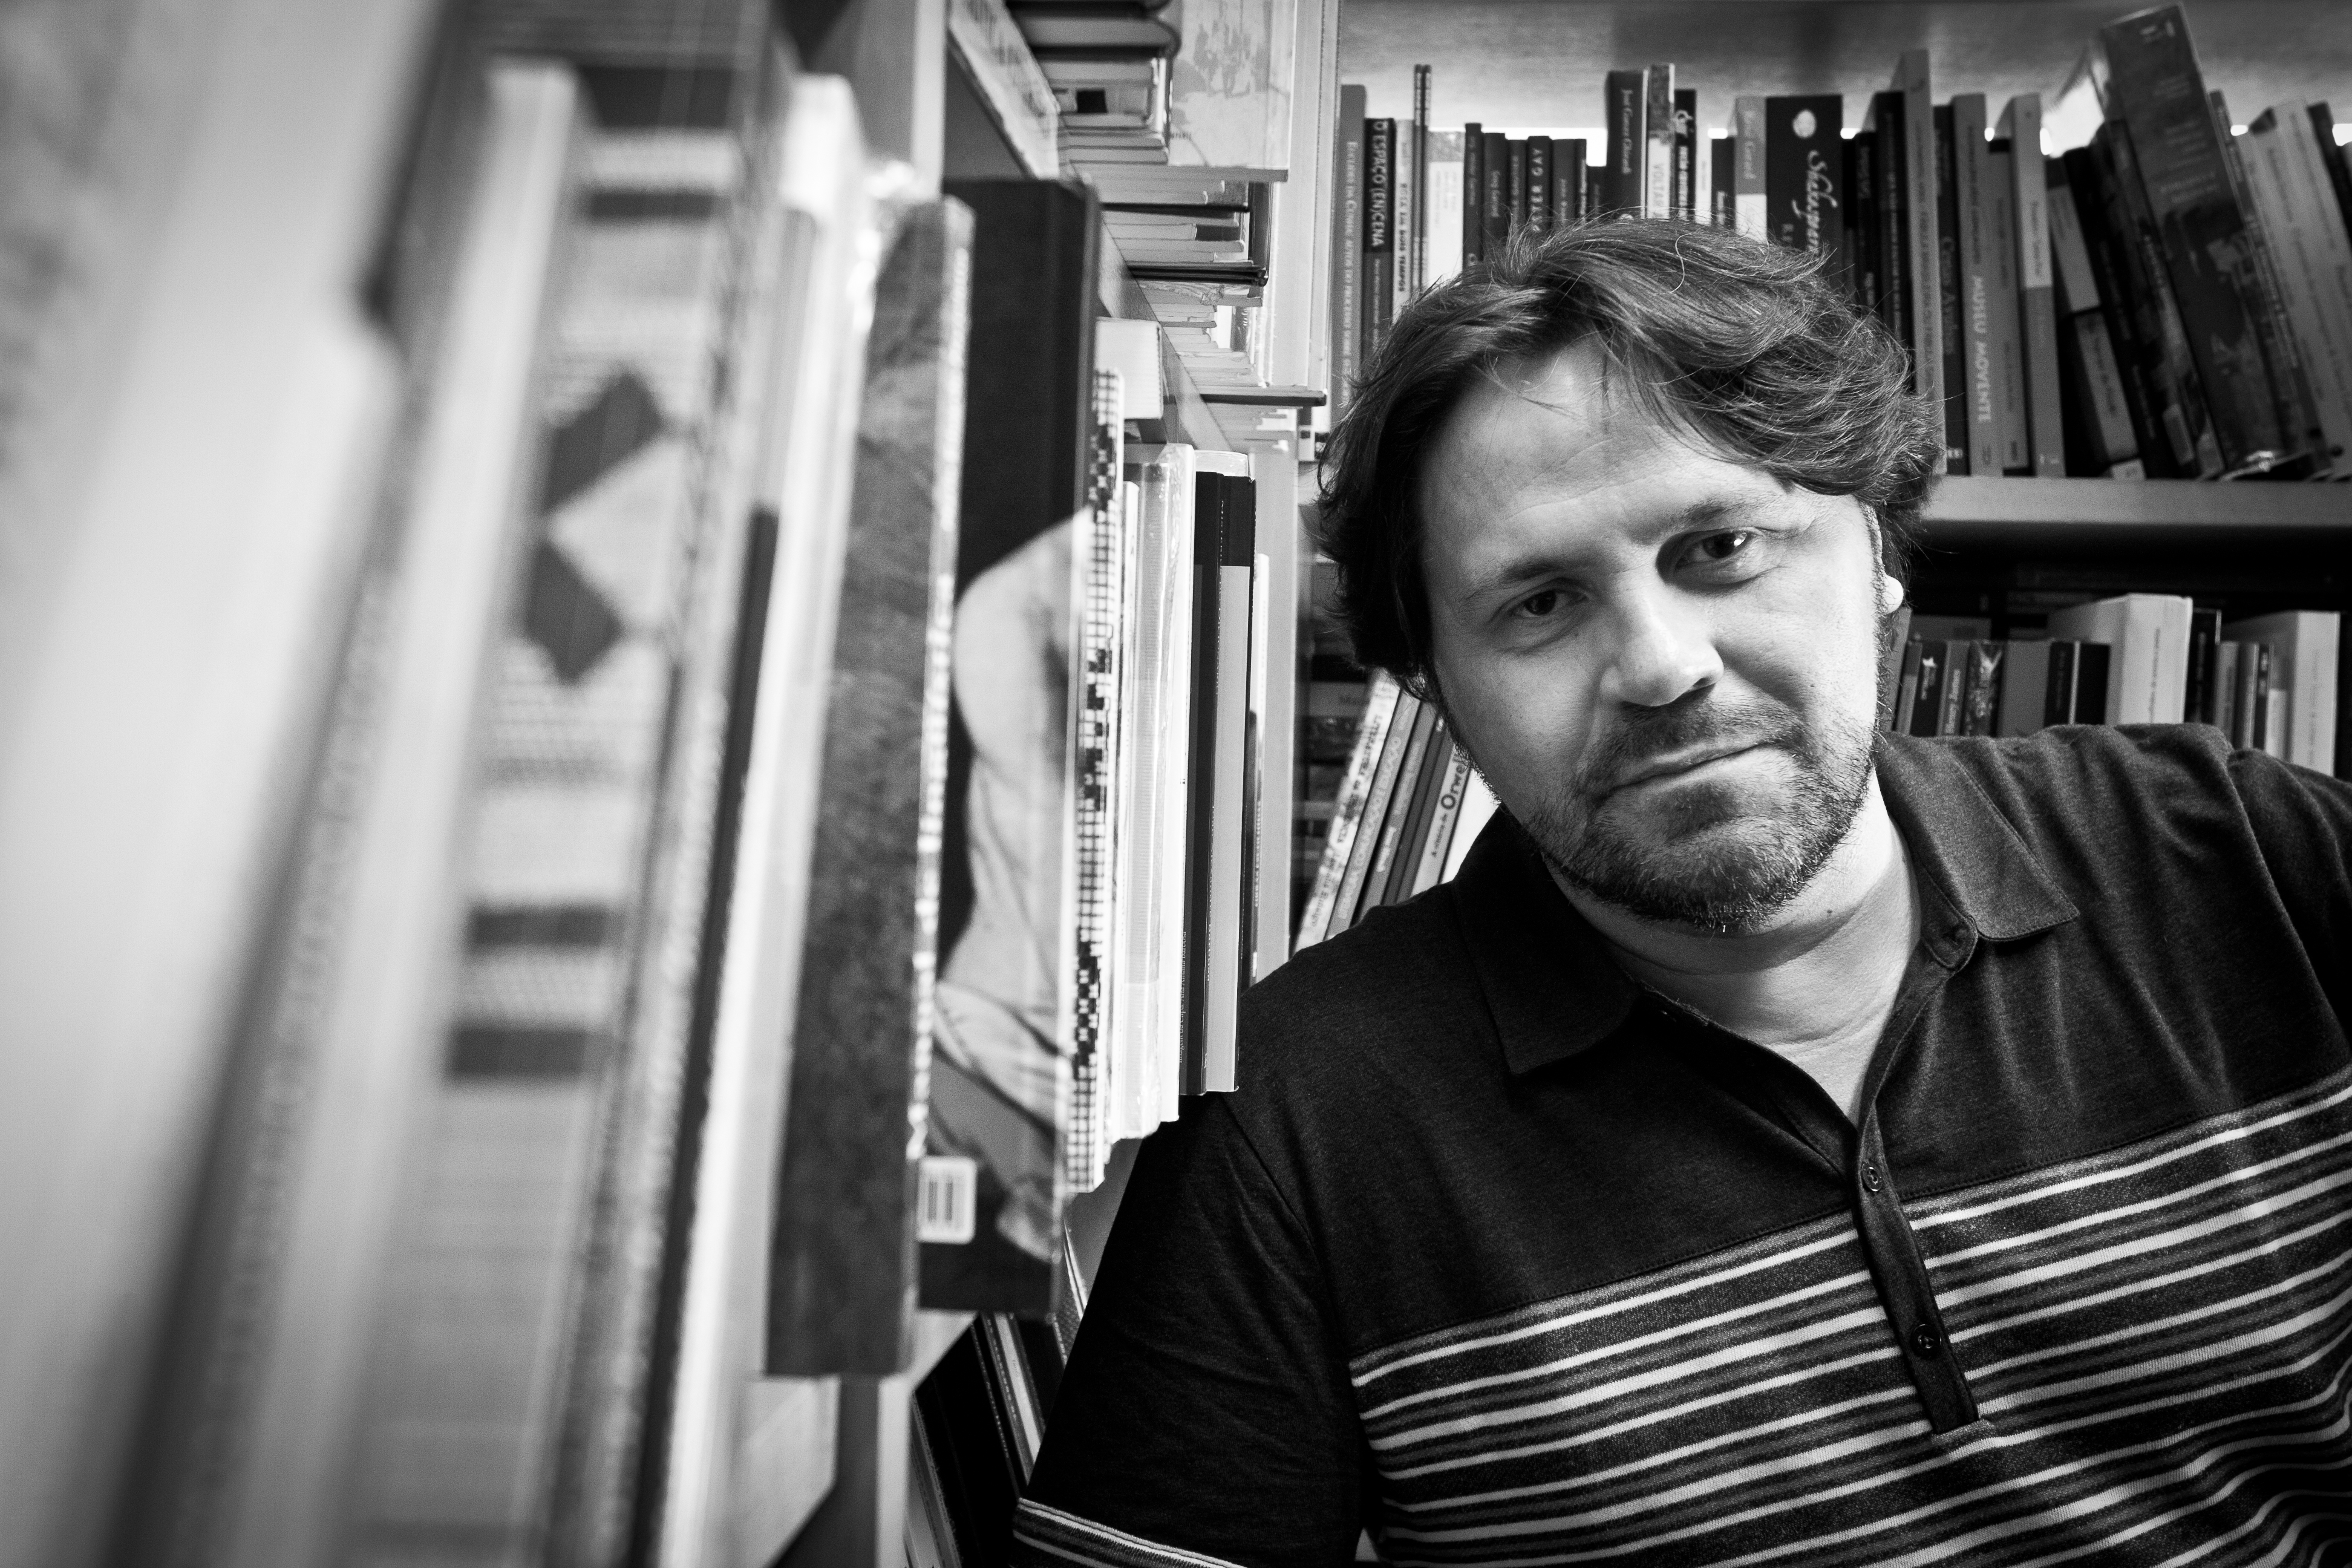 Balada Liter‡ria 2012 Marcelino Freire Local: Livraria da Vila Data: 02/12/2012 Foto: Mario Miranda Filho/Agncia Foto